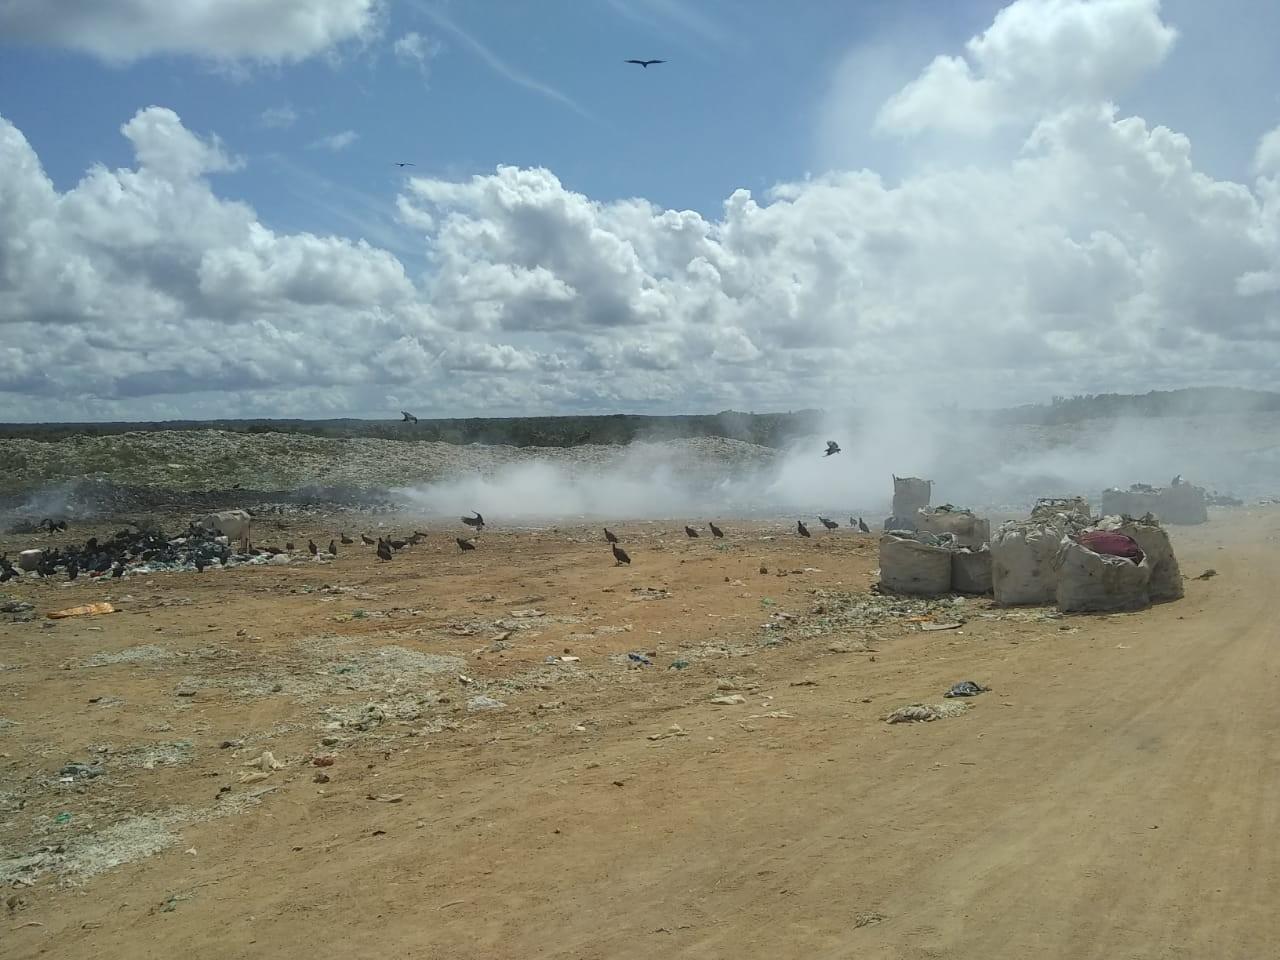 Bombeiros combatem incêndio dentro de lixão em Bragança, no PA - Notícias - Plantão Diário